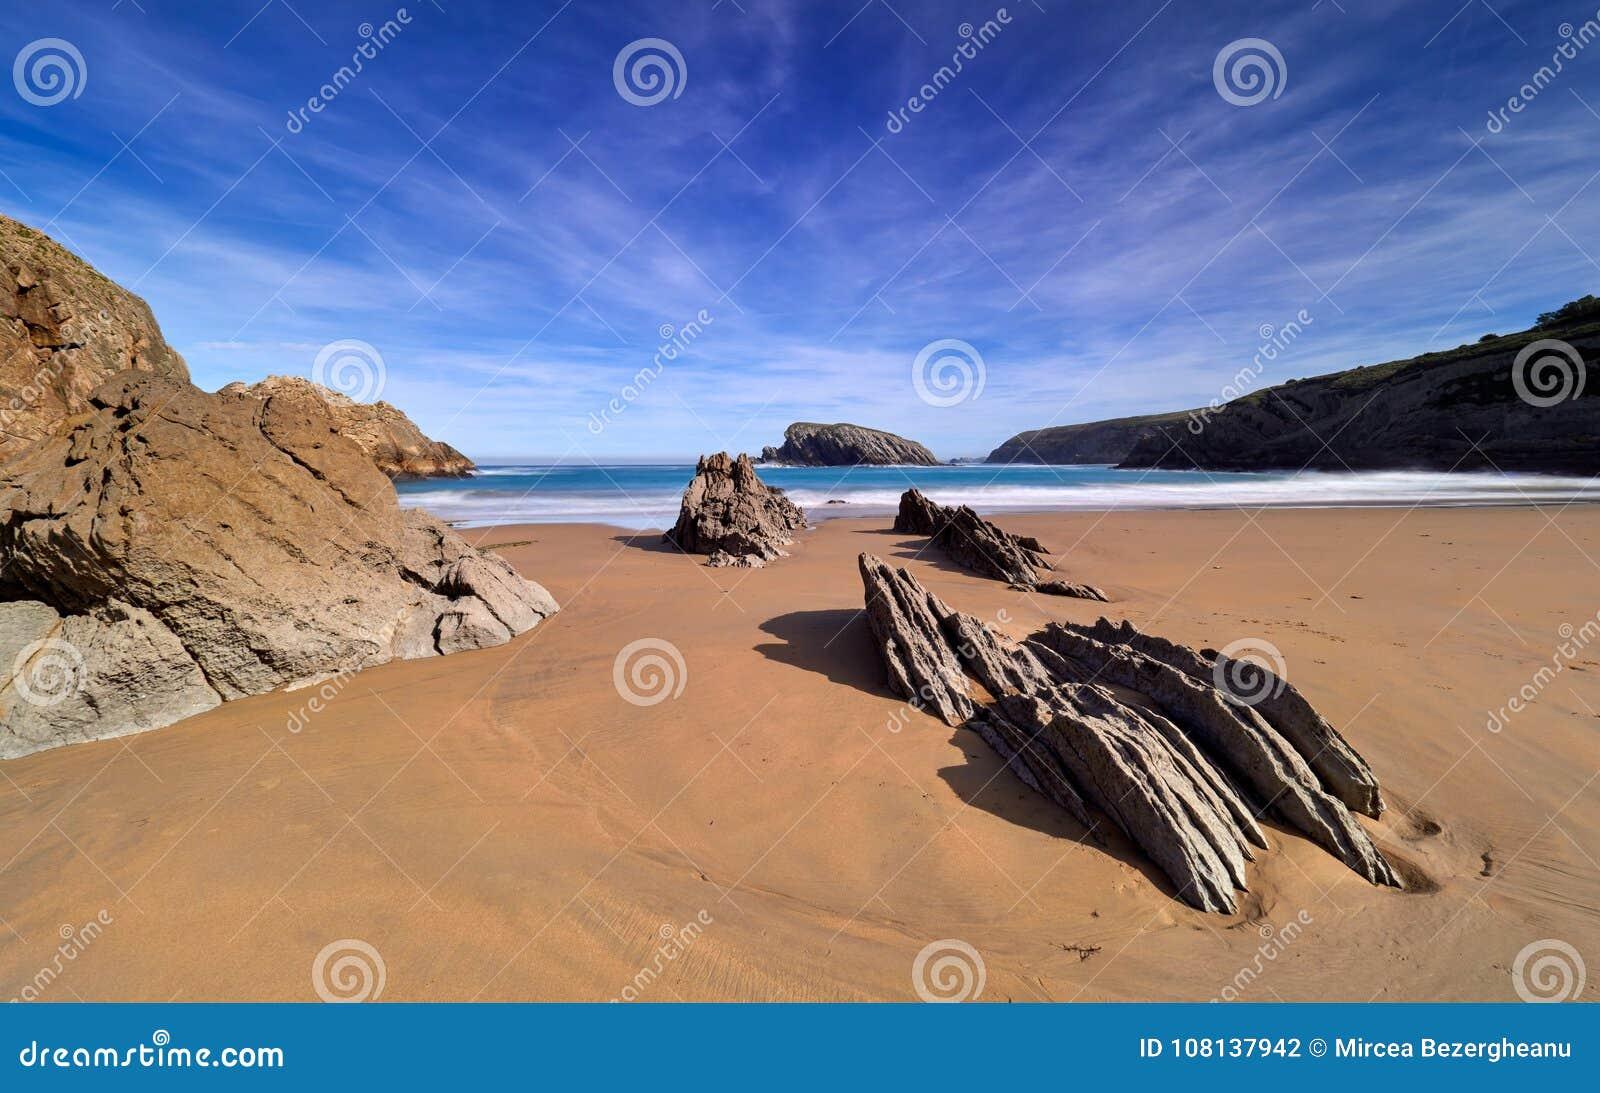 Großartige Felsformationen auf der Küste von Kantabrien, Spanien